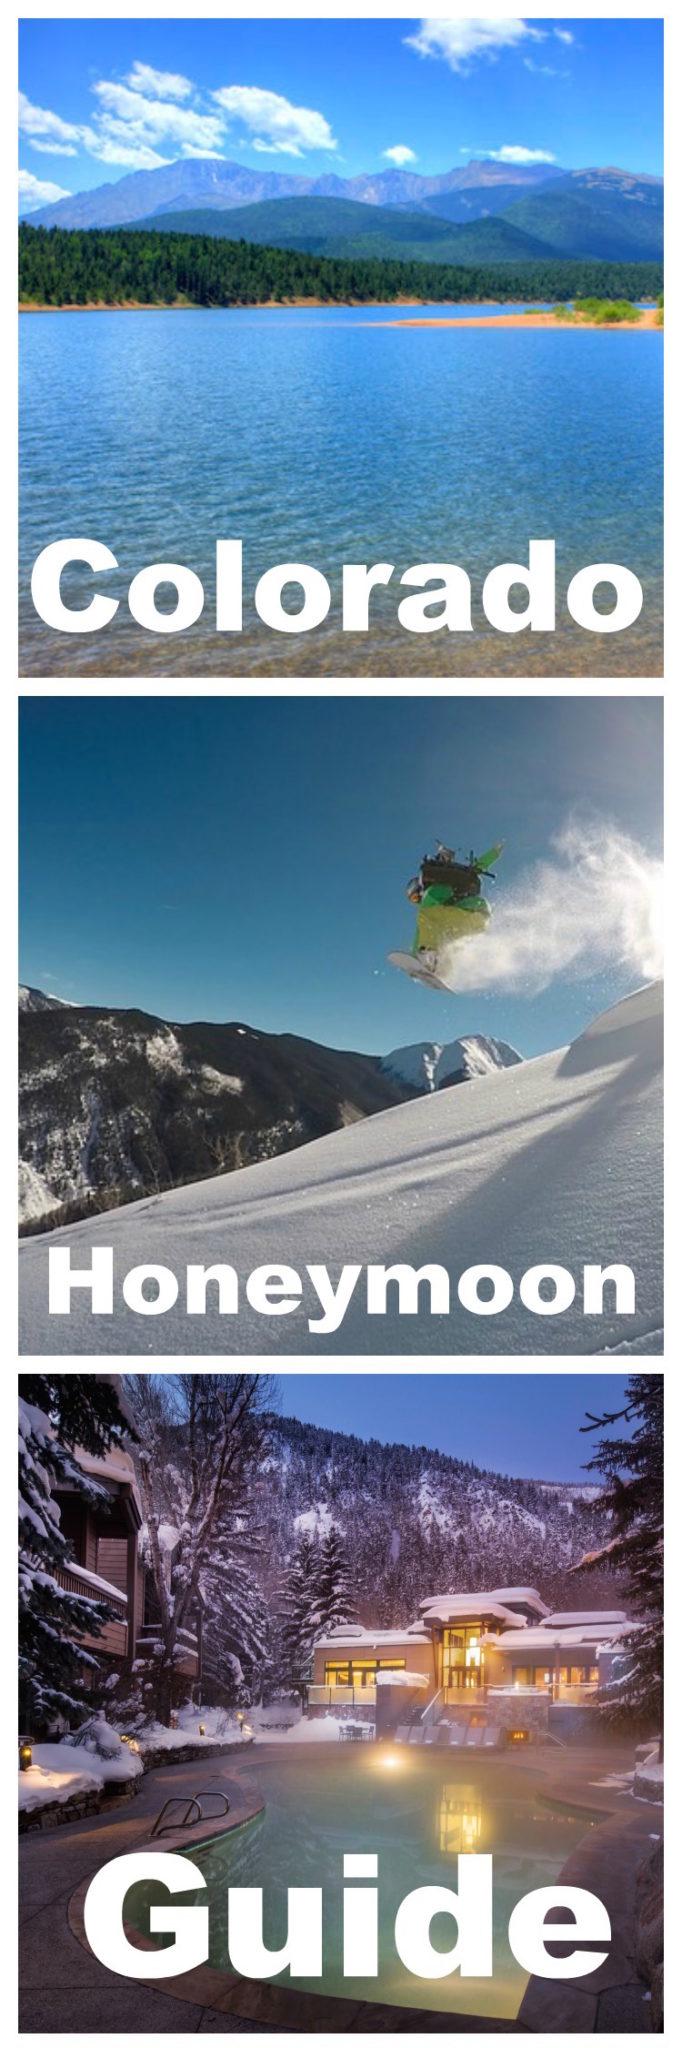 Colorado Honeymoon Guide